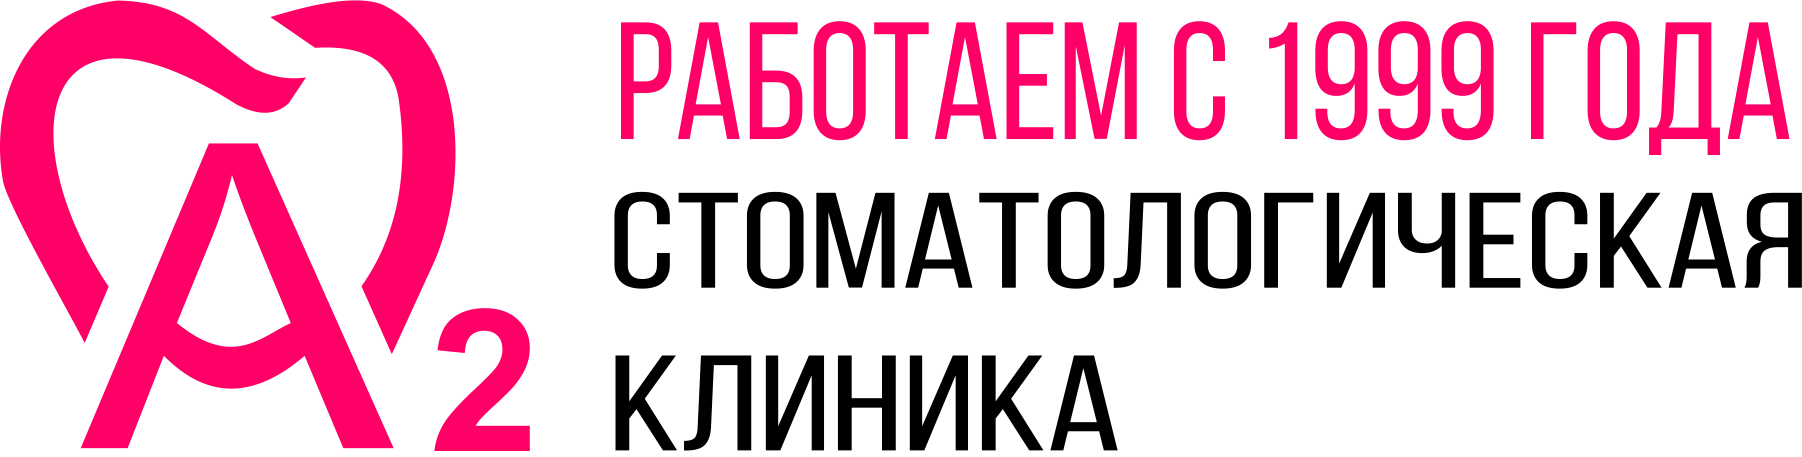 Стоматология А-2